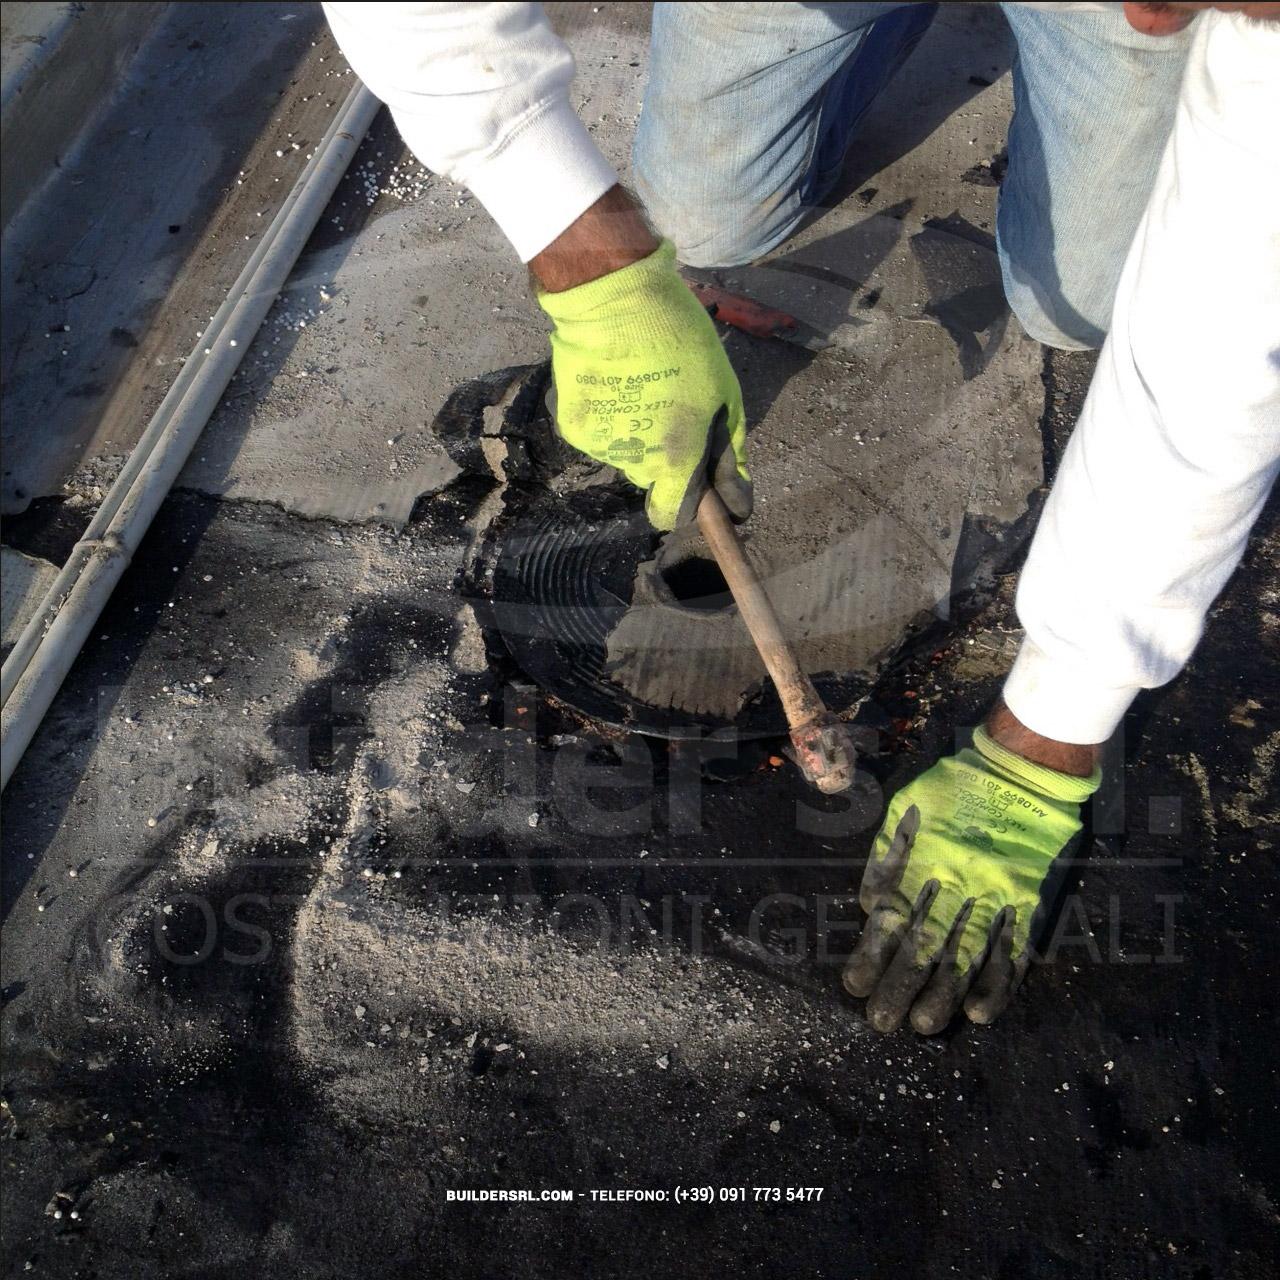 Rimozione vecchio chiusino di scarico. - Installazione di nuove planciole per lo scarico di acque pluviali.